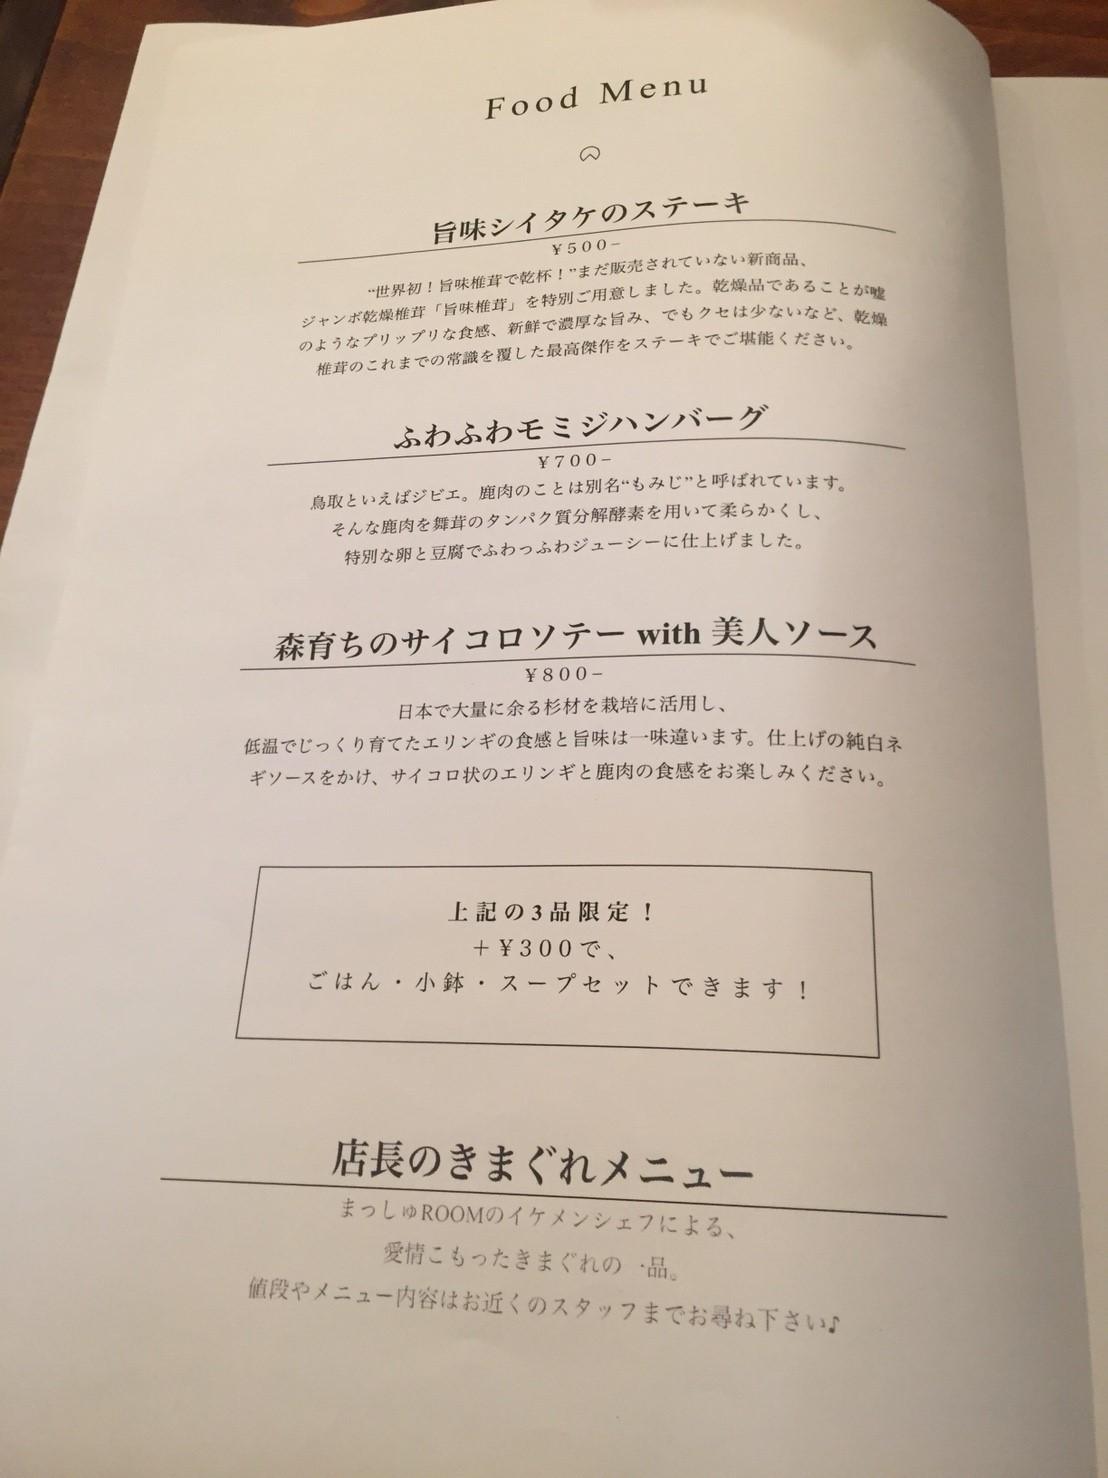 Tottoriカルマ   まっしゅROOM_e0115904_17521896.jpg